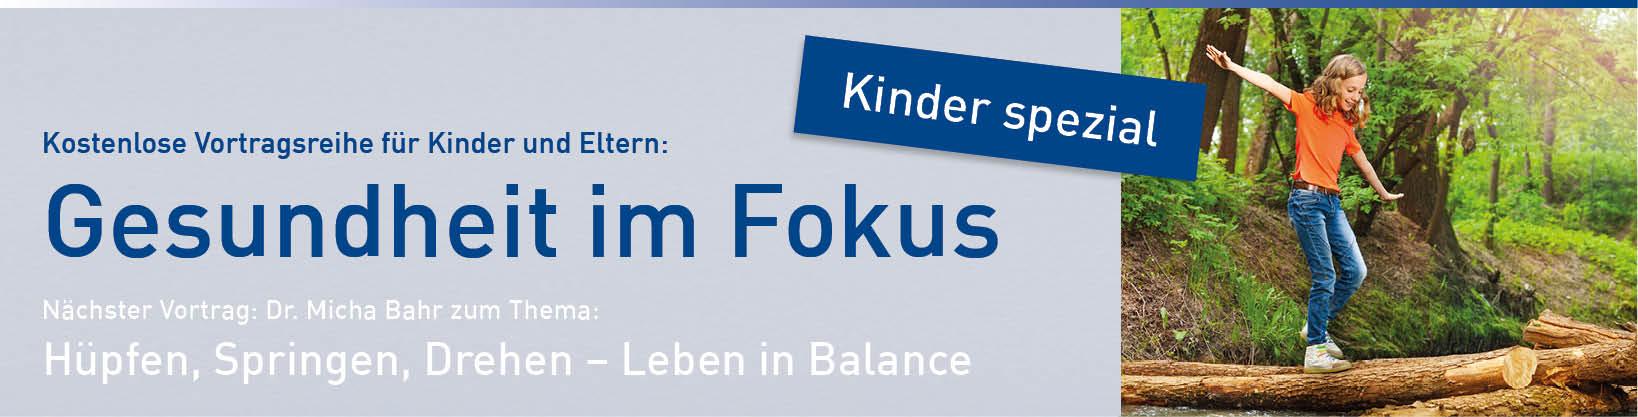 Online Banner Vortrag Kinder Spezial: Hüpfen Springen Drehen - Leben in Balance